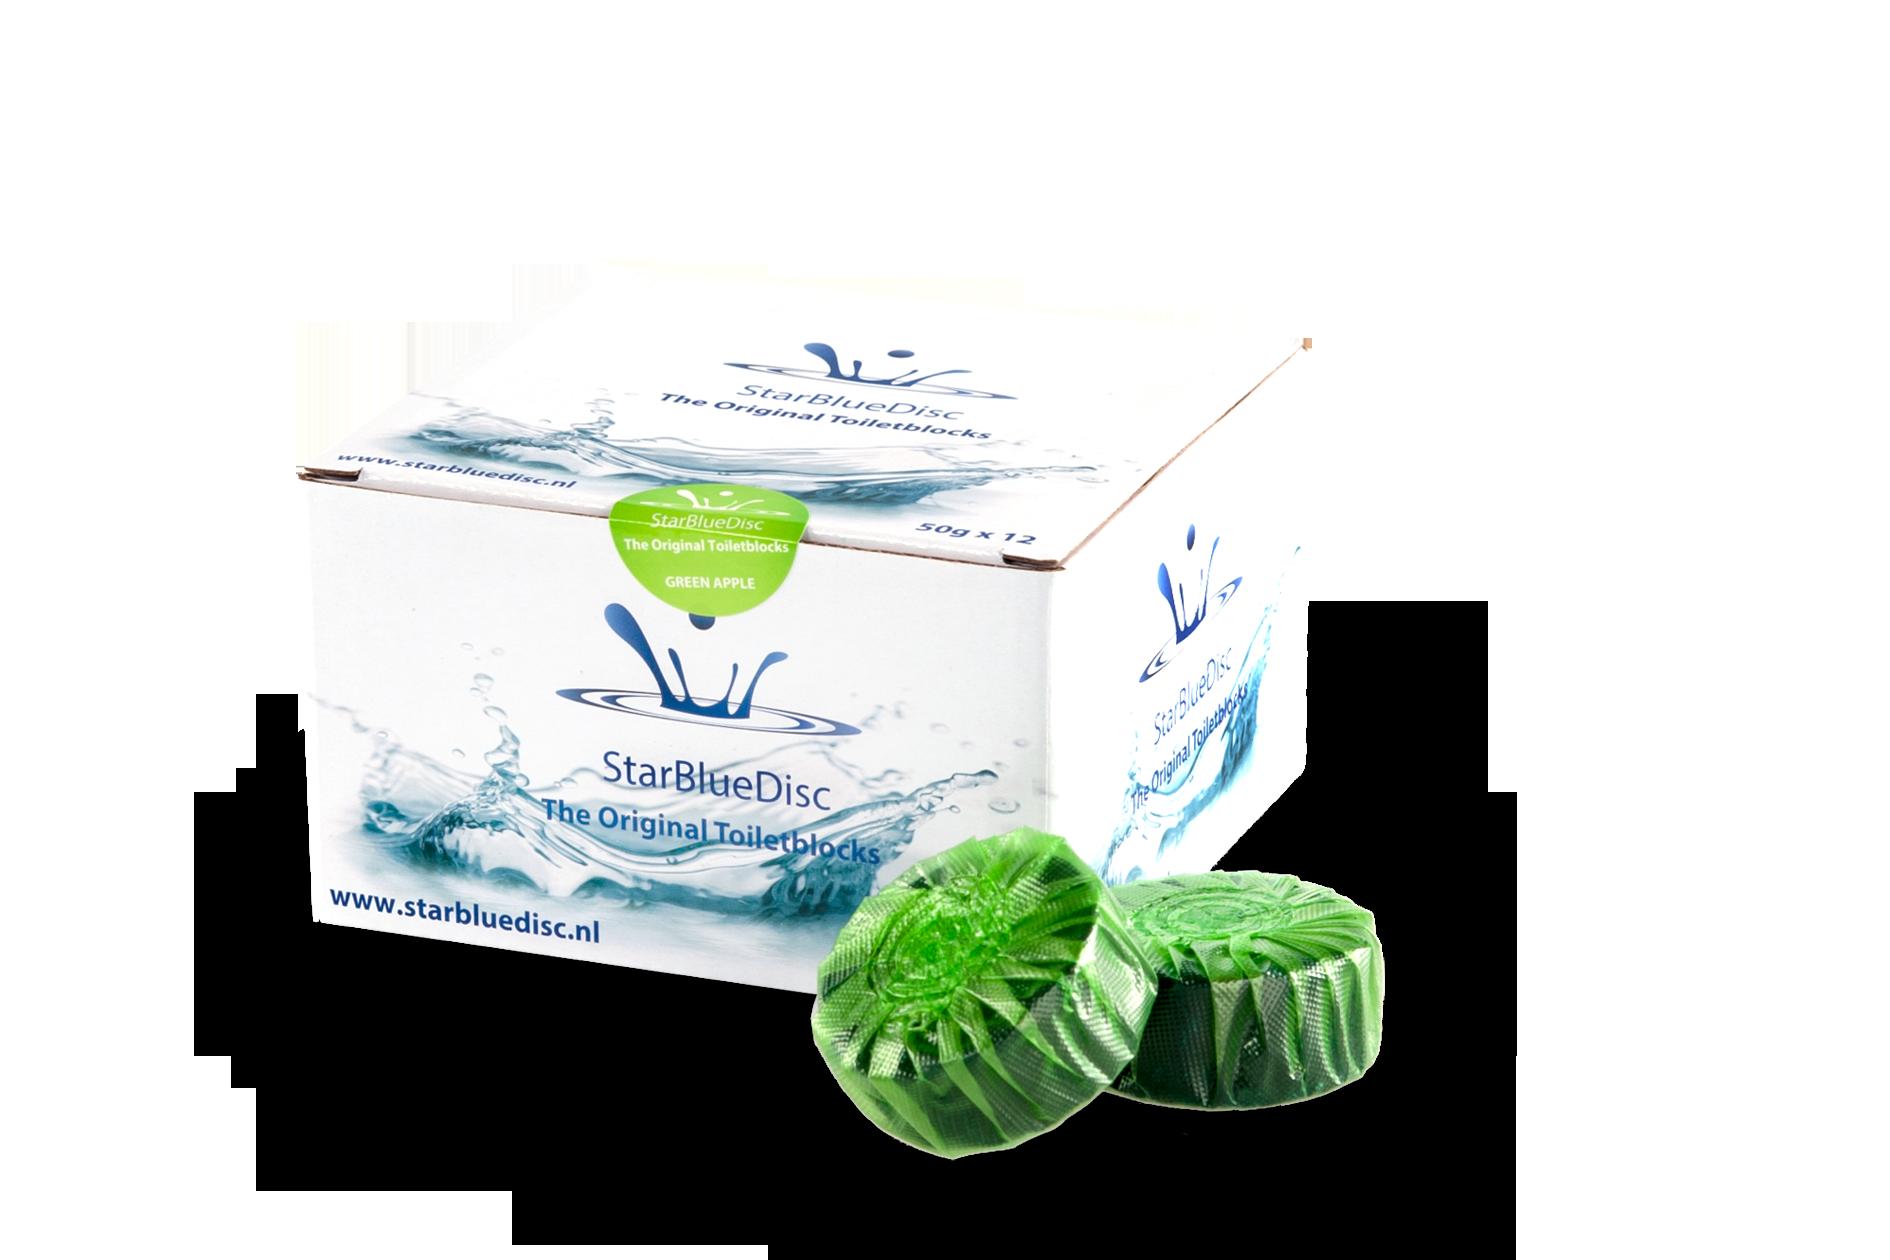 Halfjaar verpakking Toiletblokjes Groen.<br><h5>Art.nr: 127.185.514<br>Kleur: Groen.<br>Inhoud: 12 toiletblokjes per verpakking.</h5>